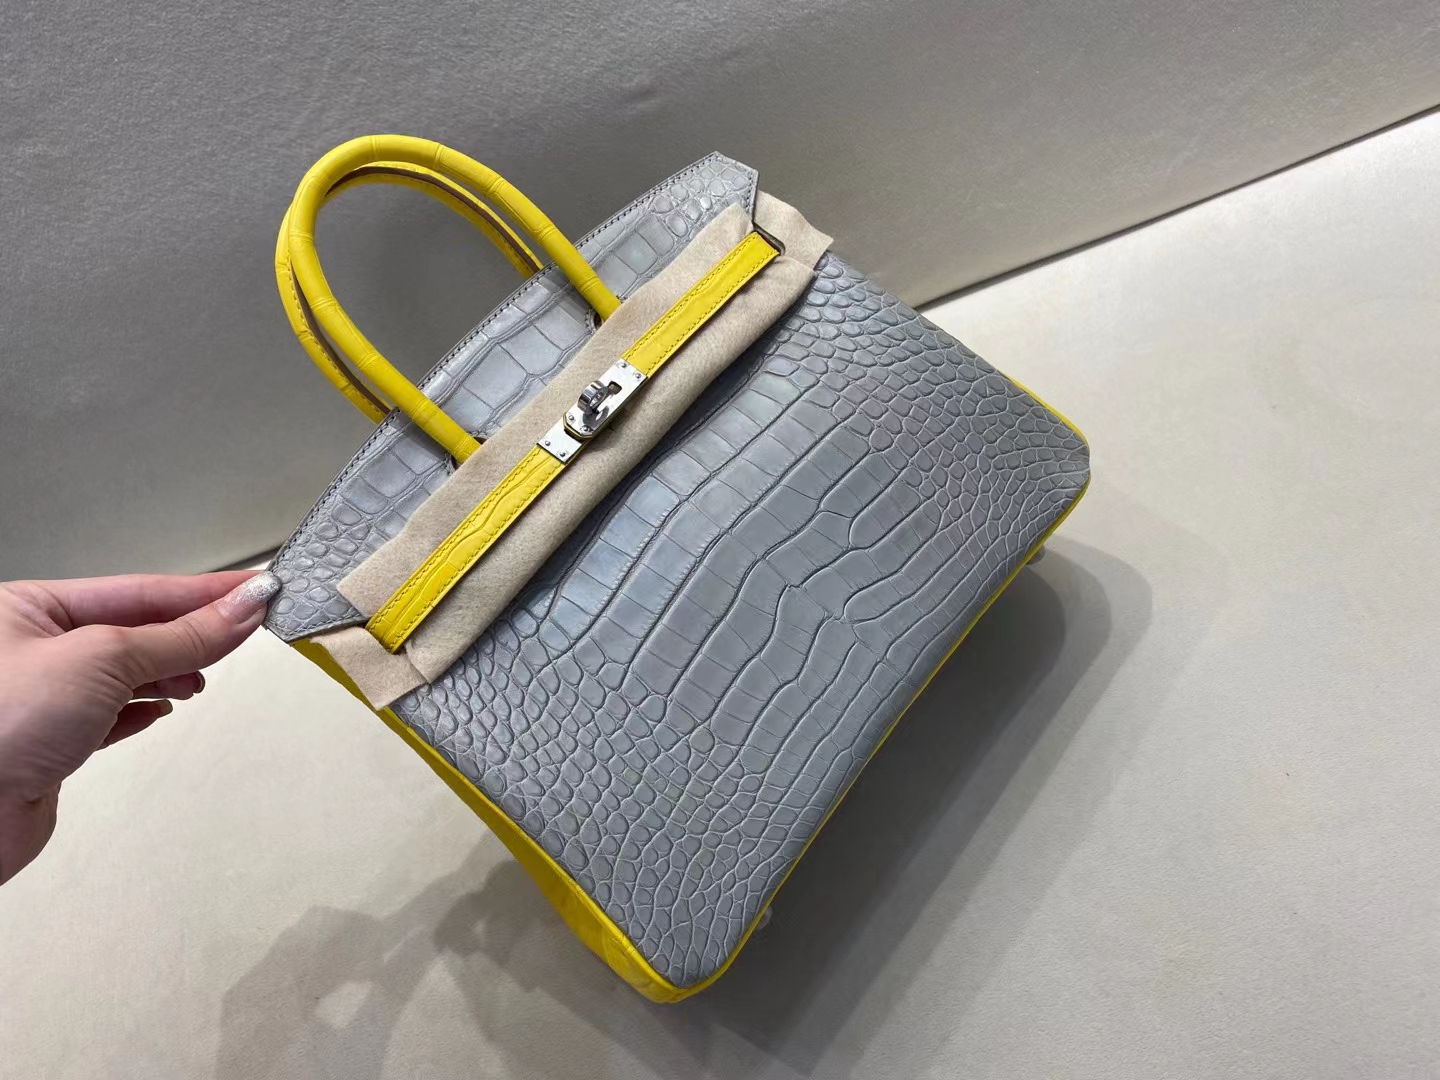 Hermès(爱马仕)birkin 铂金包 雾面鳄鱼 80 珍珠灰+M9金盏花黄 美洲方块皮 顶级品质 银扣 25cm